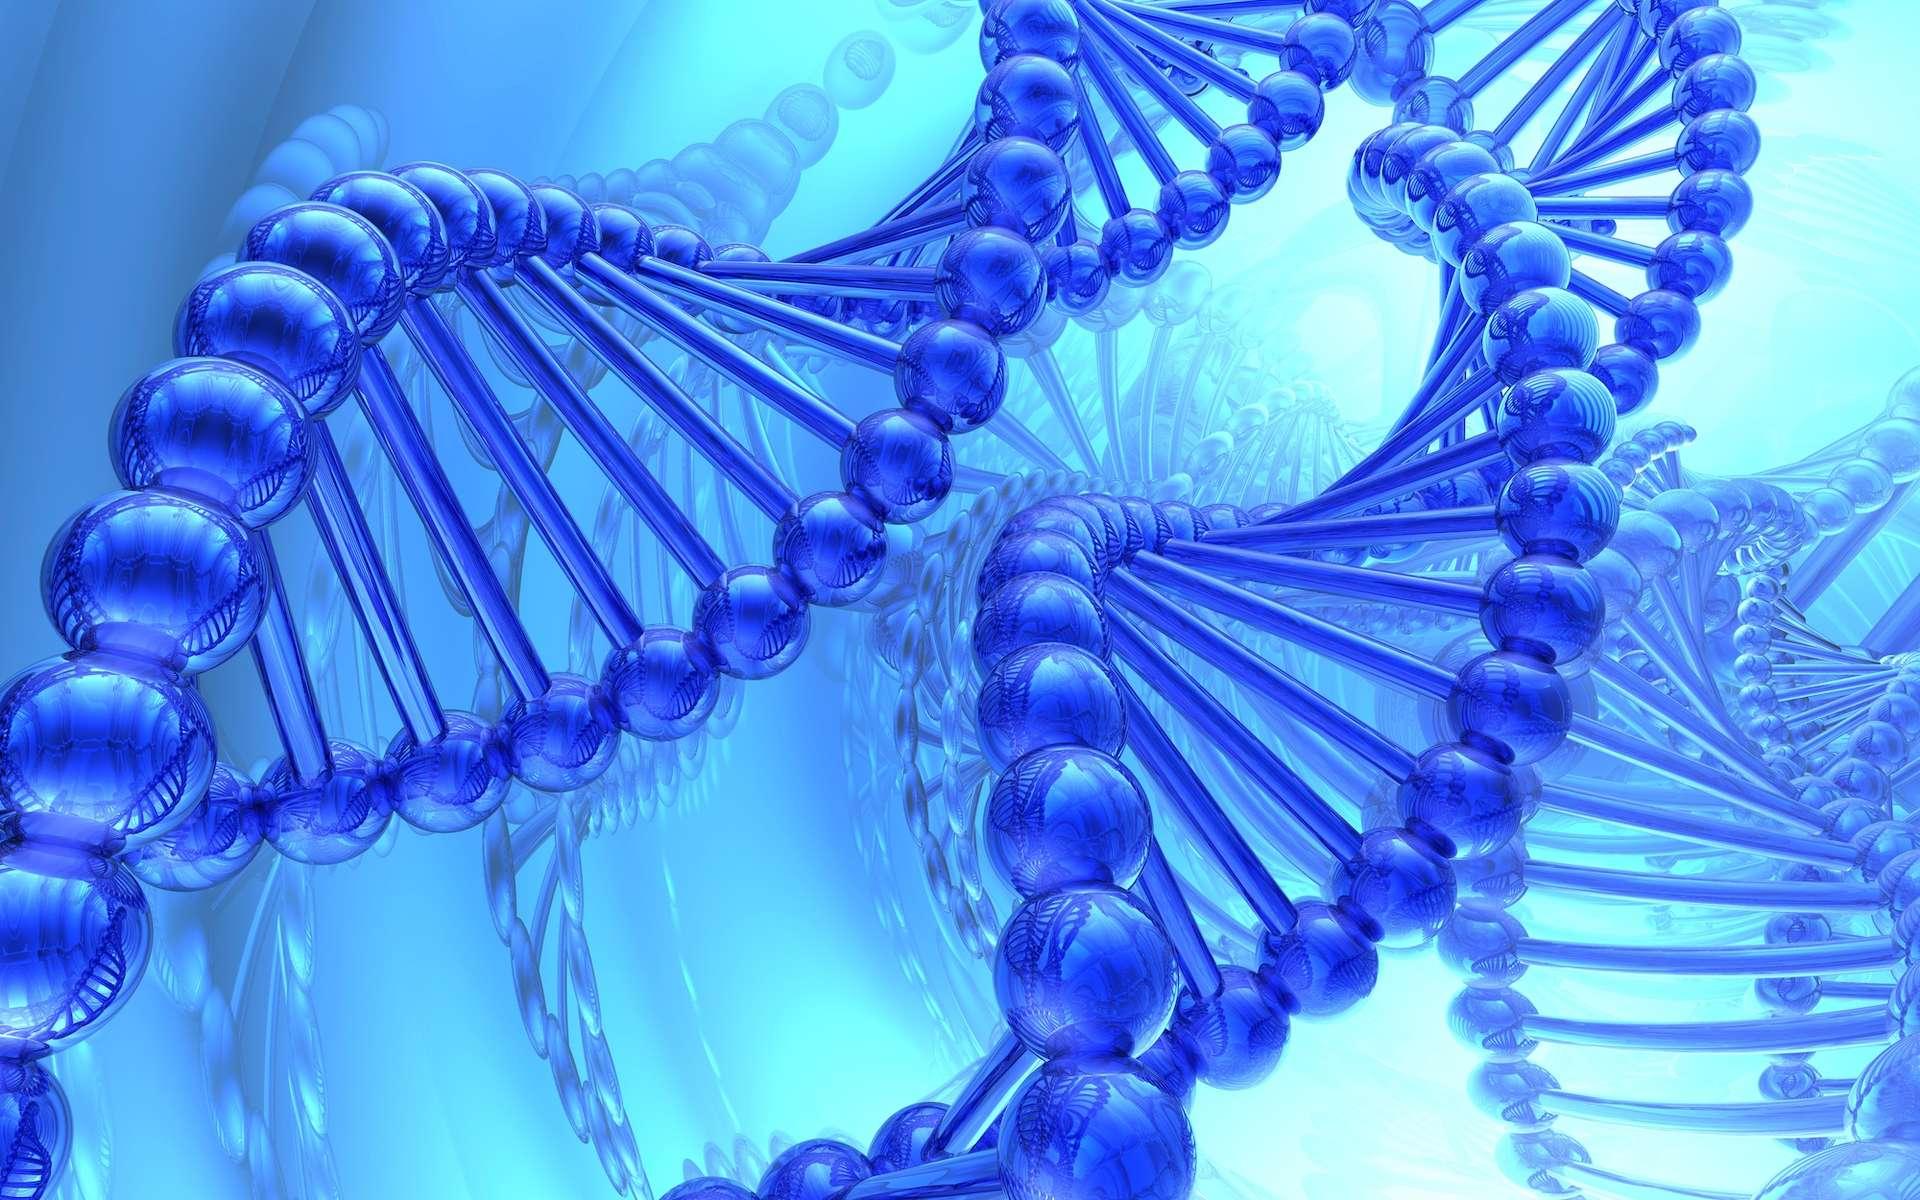 Le test sanguin envisagé permettrait de diagnostiquer des maladies en détectant l'ADN des cellules mourantes. © suravid, Shutterstock